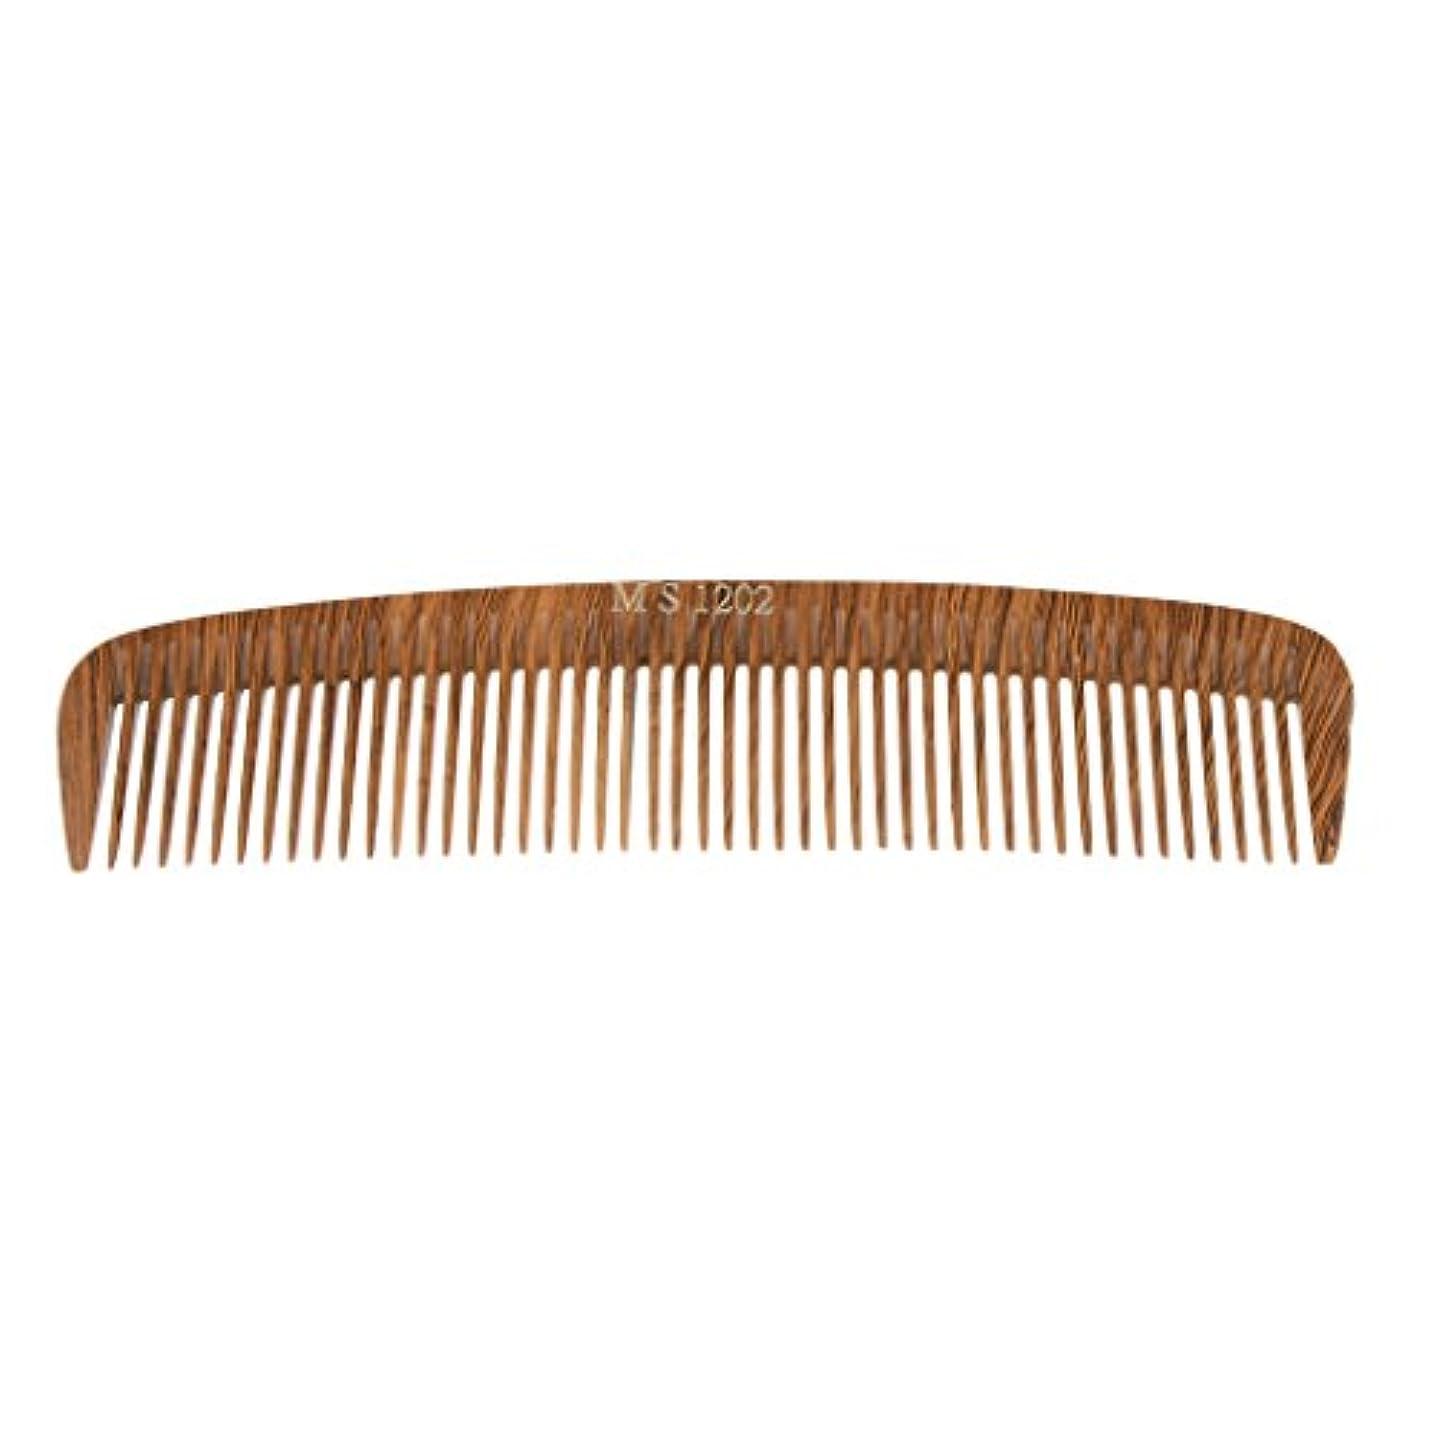 ズーム寝室祭司ヘアカットコーム コーム 木製櫛 くし ヘアブラシ ウッド 帯電防止 4タイプ選べる - 1202